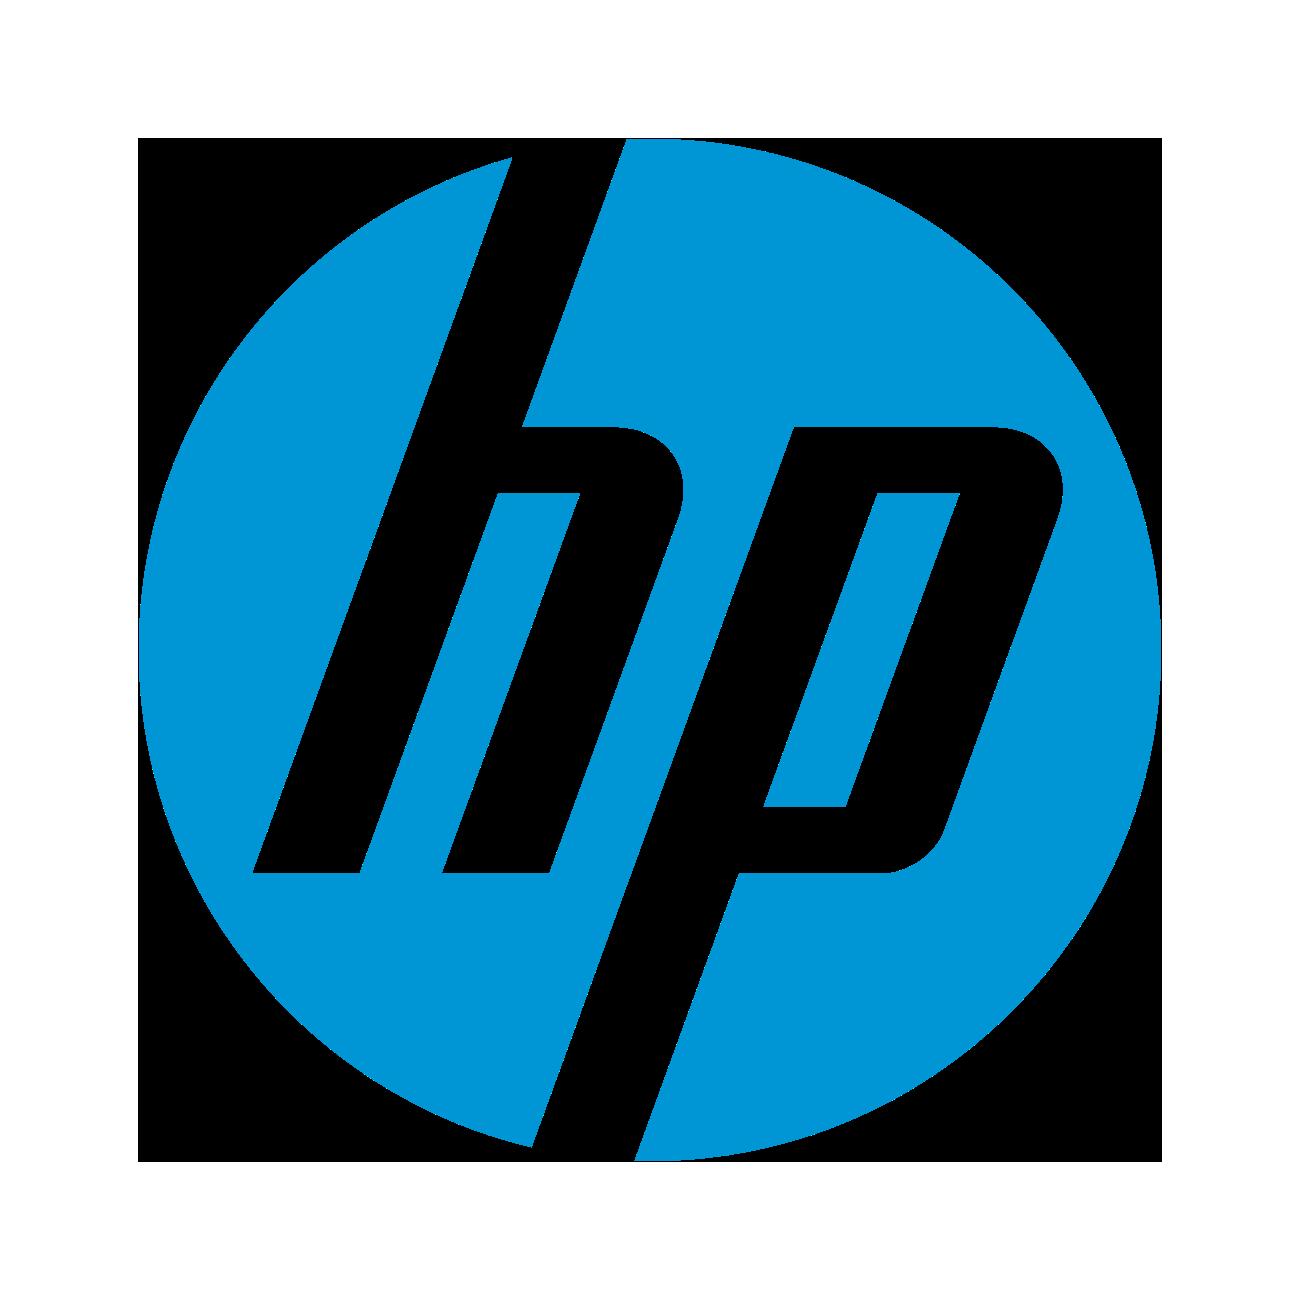 EMPR-HP ETHERNET 10GB 2-PORT 546SFP+ ADAPTER